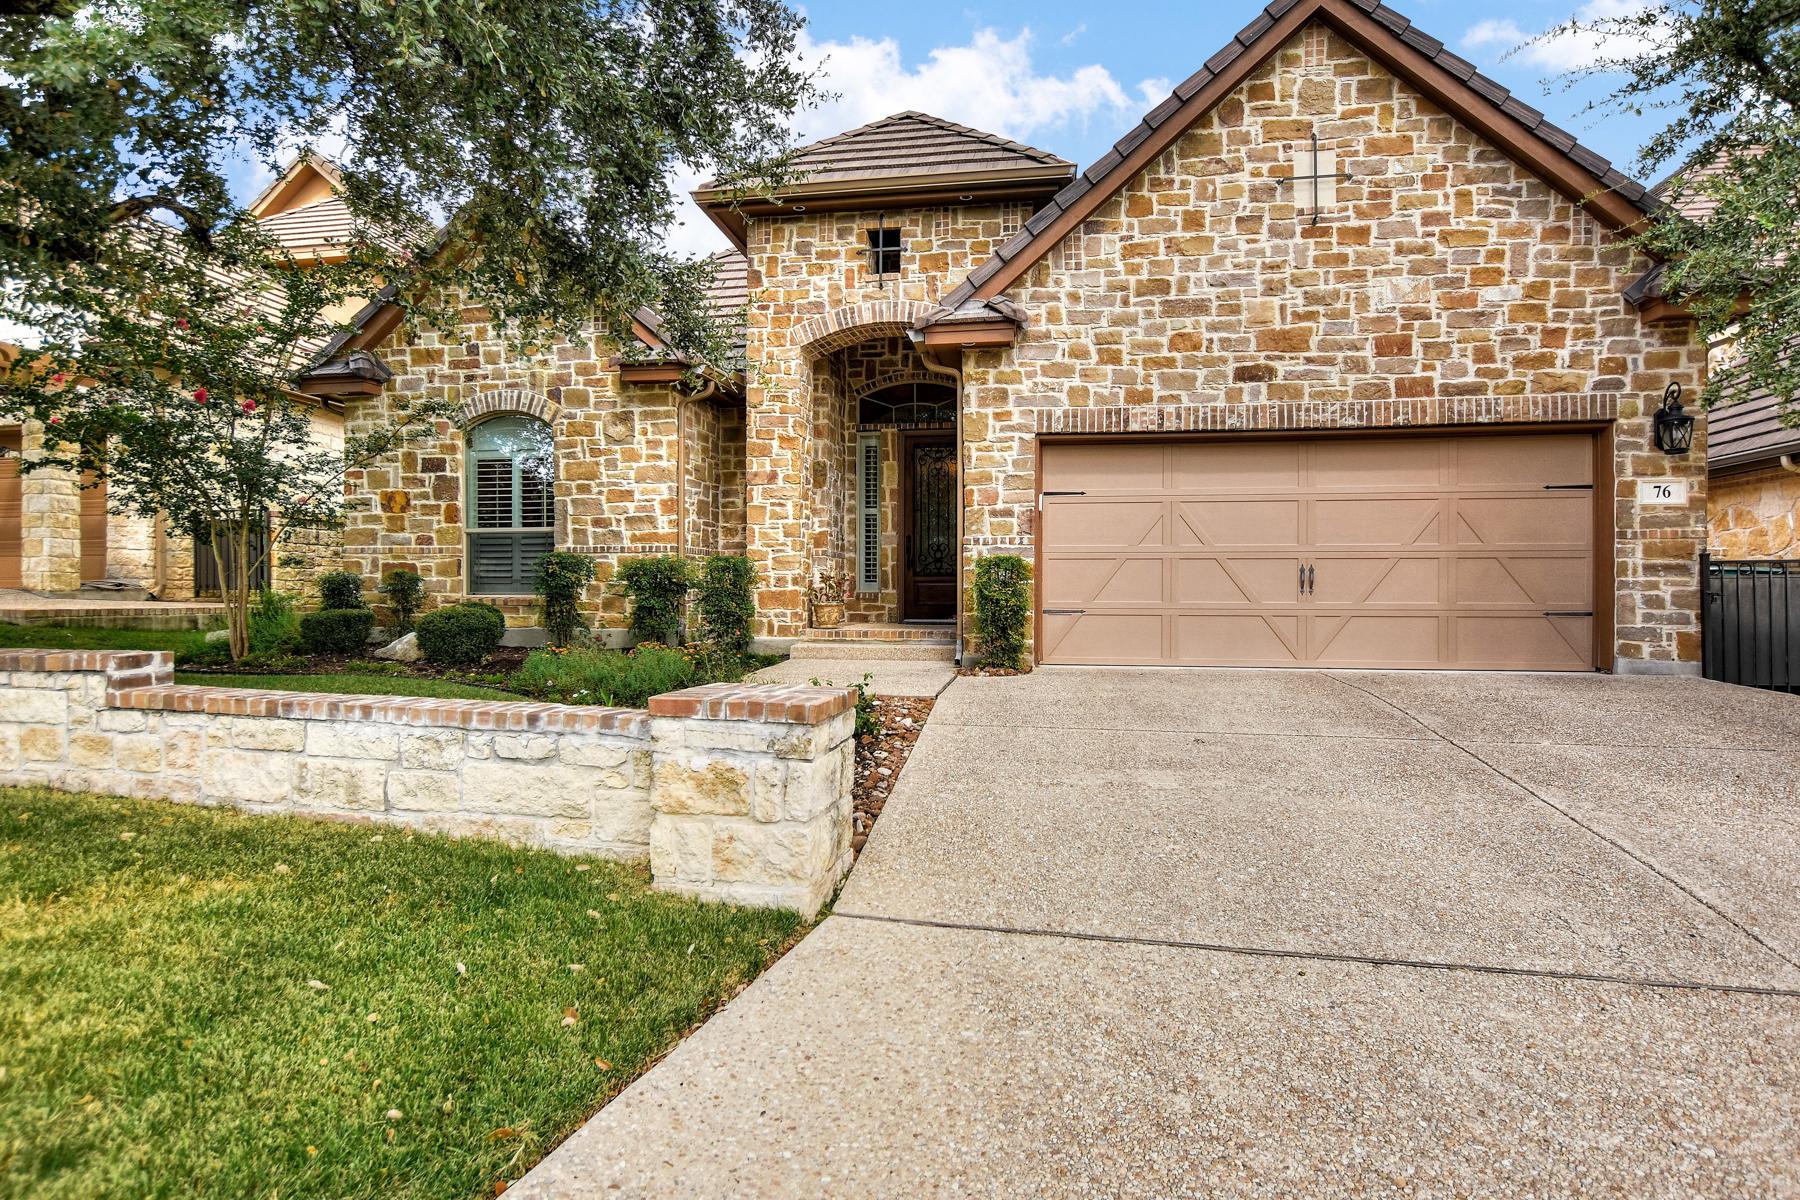 Casa Unifamiliar por un Venta en Beautiful Single-Story Home in The Dominion 76 Westcourt Ln San Antonio, Texas 78257 Estados Unidos